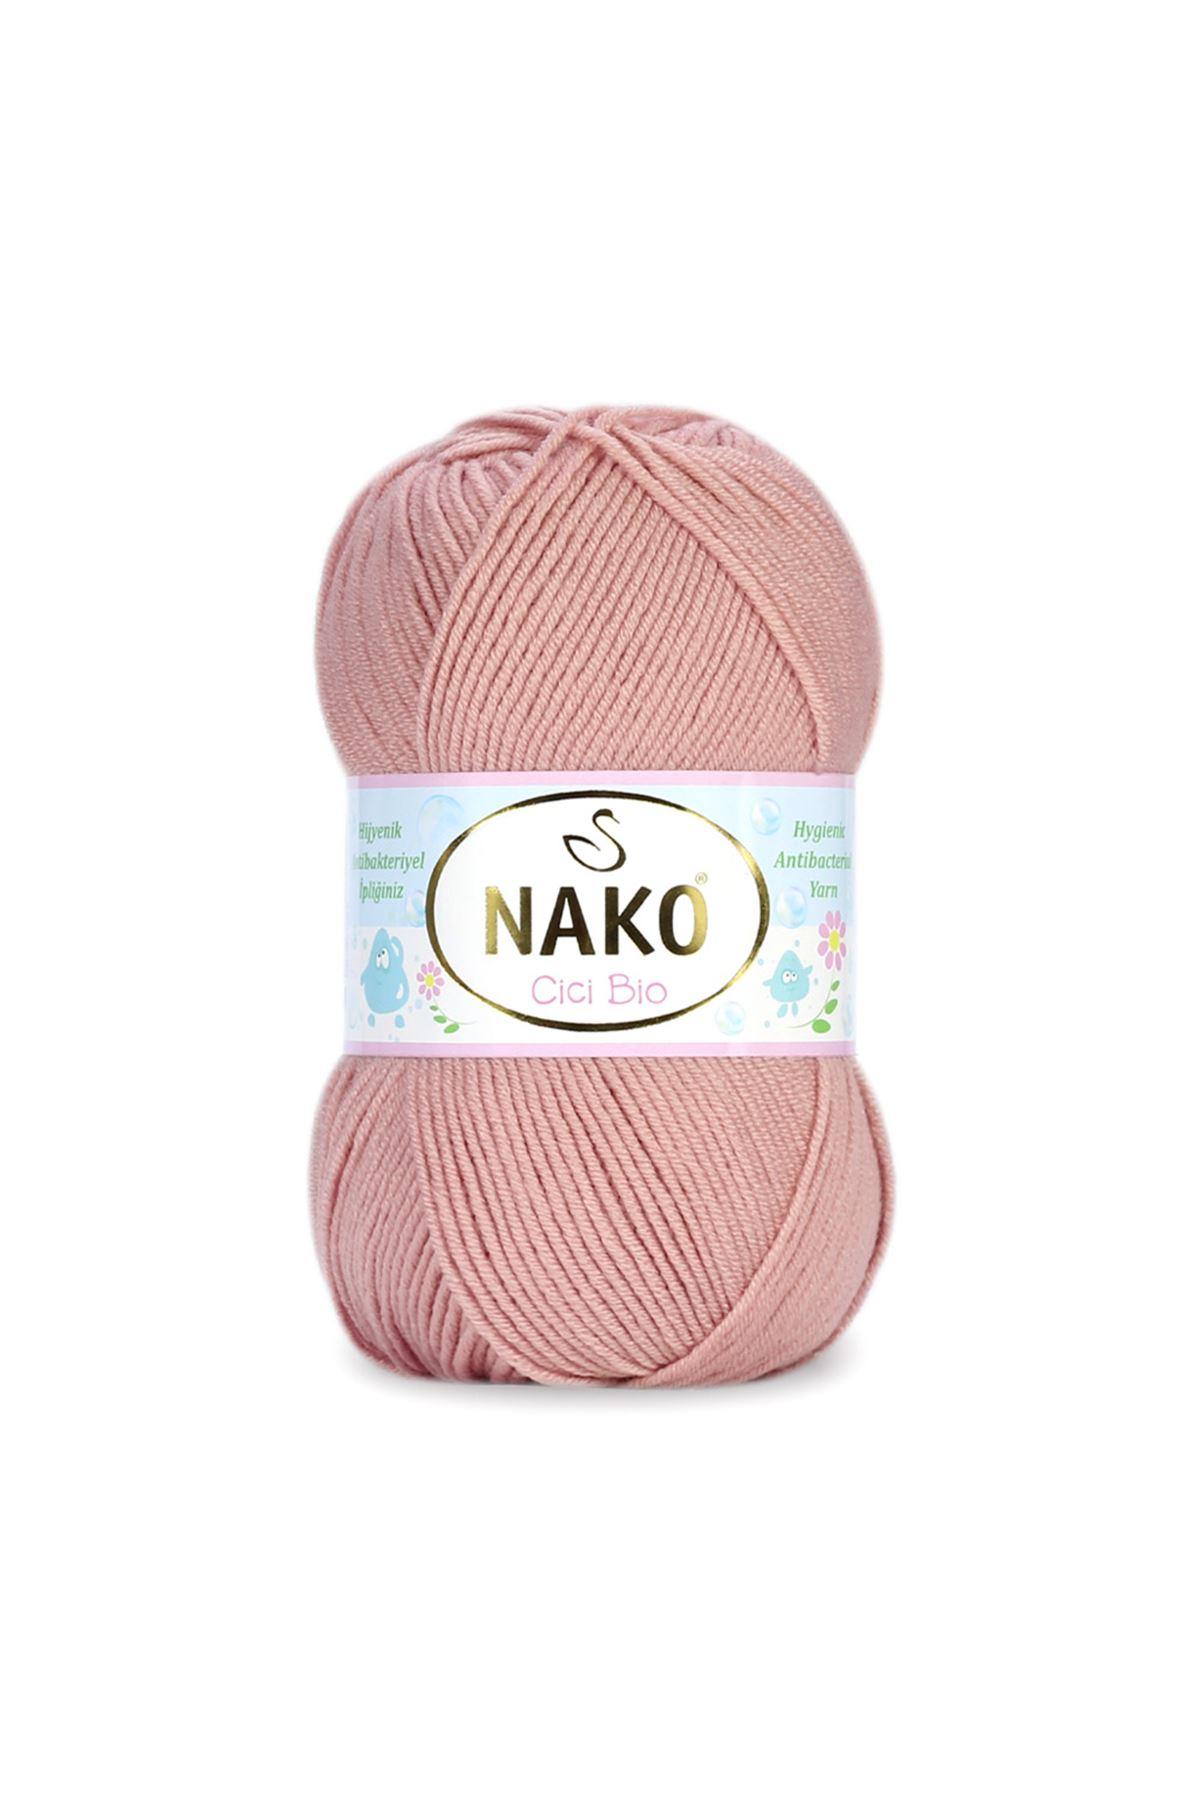 Nako Cici Bio 11251 Pudra